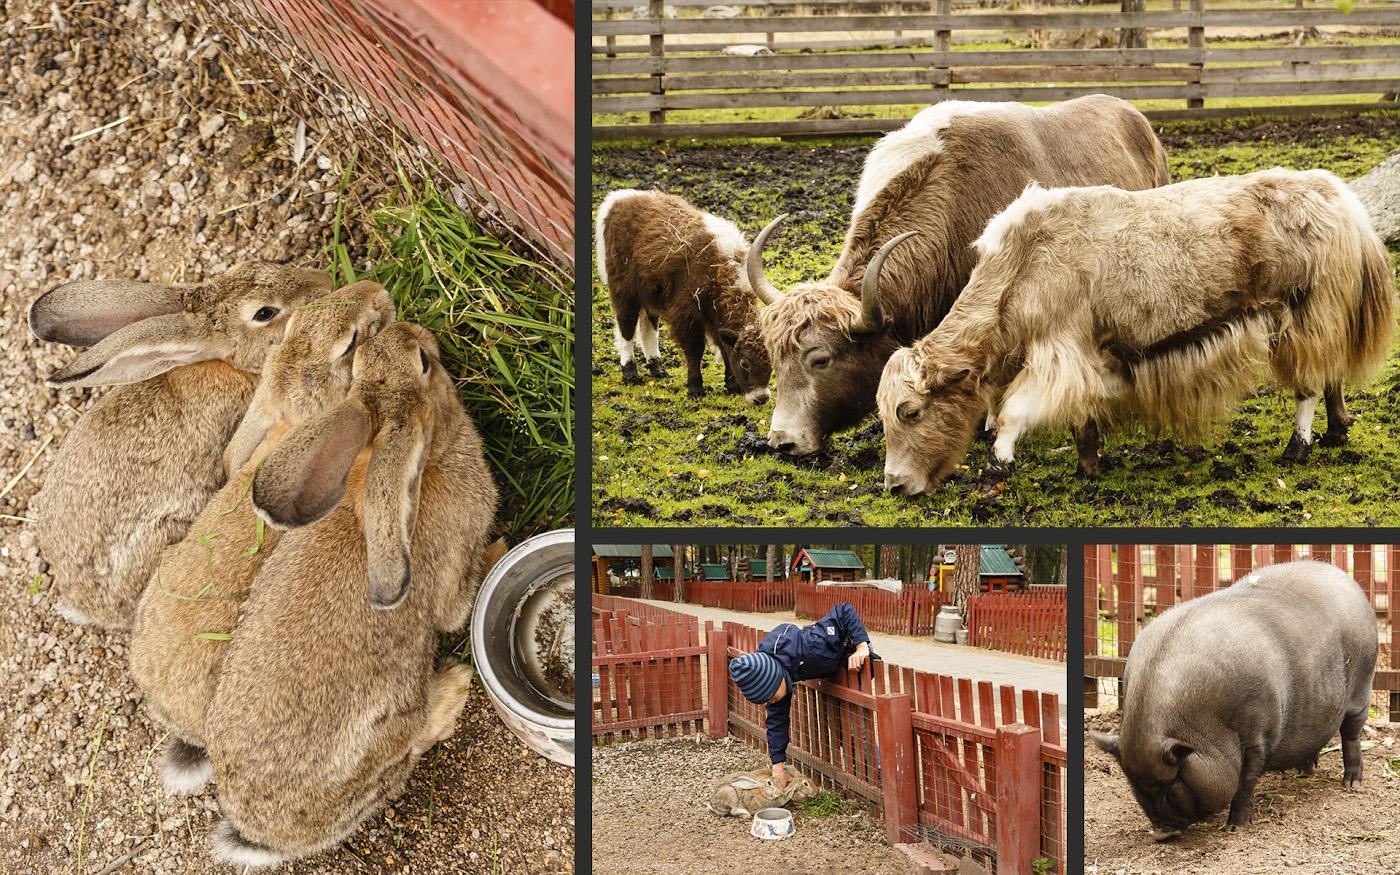 Фото 41. Зоопарк в Бурабае. Отзывы о поездке на отдых на озеро Боровое. Автомобильное путешествие из России в Казахстан.